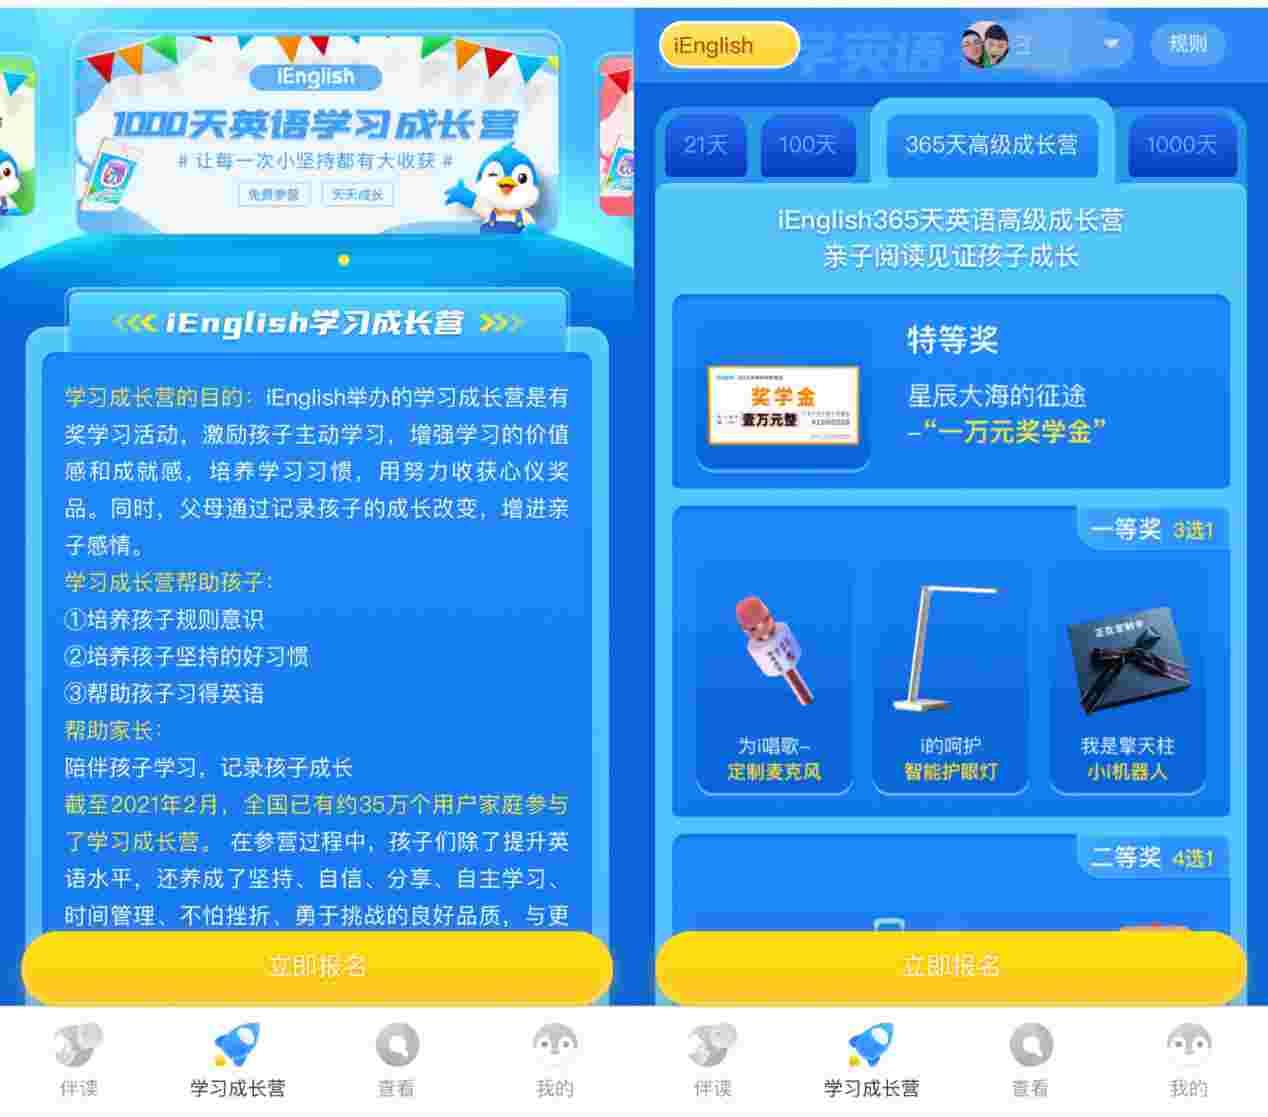 甄成方博士详解iEnglish书籍、精读、学习报告等十大功能插图5